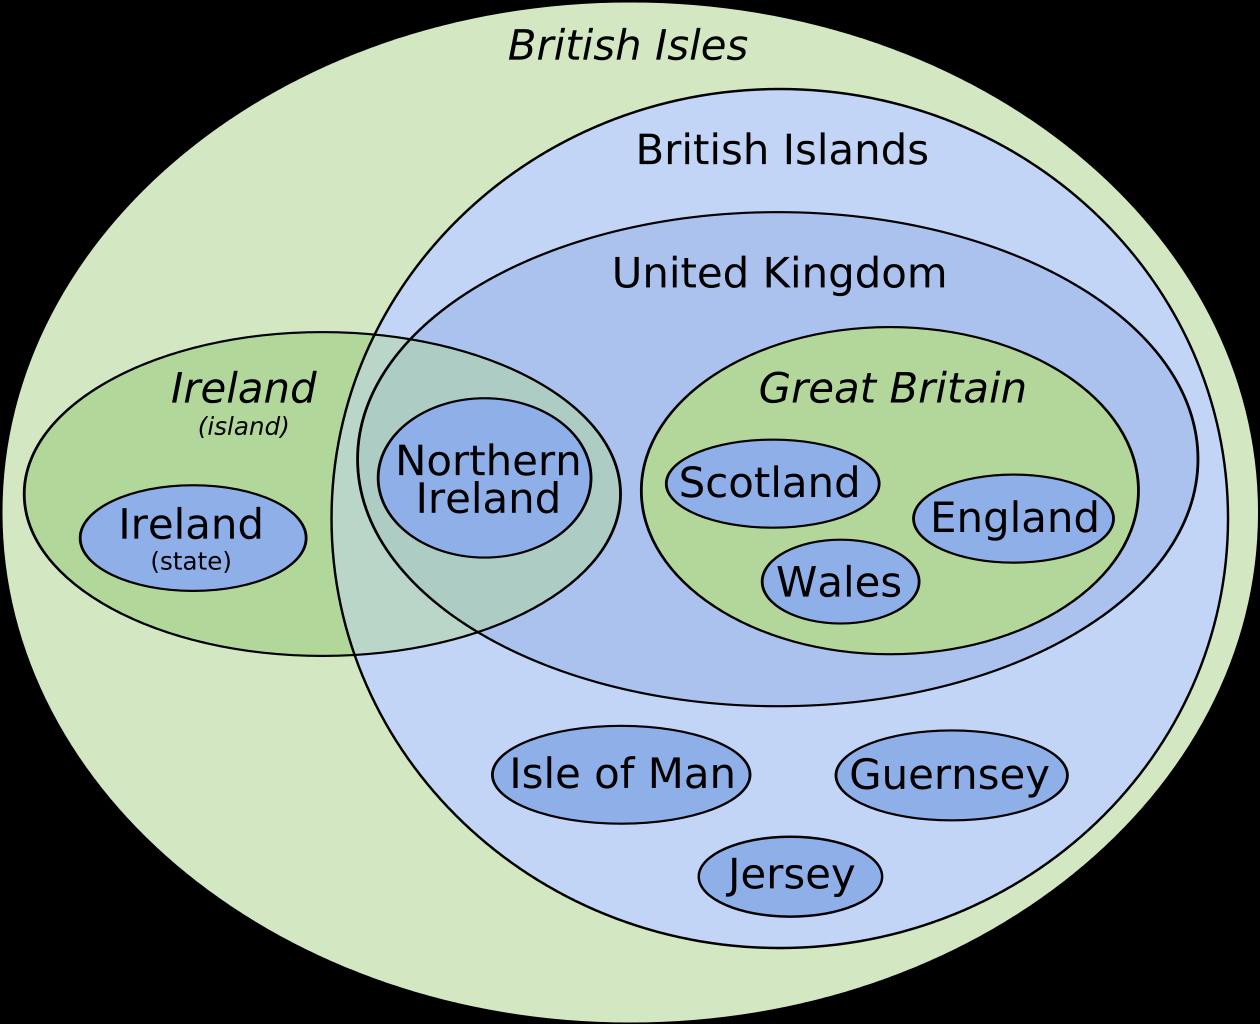 british_isles_euler_diagram_15_svg.png